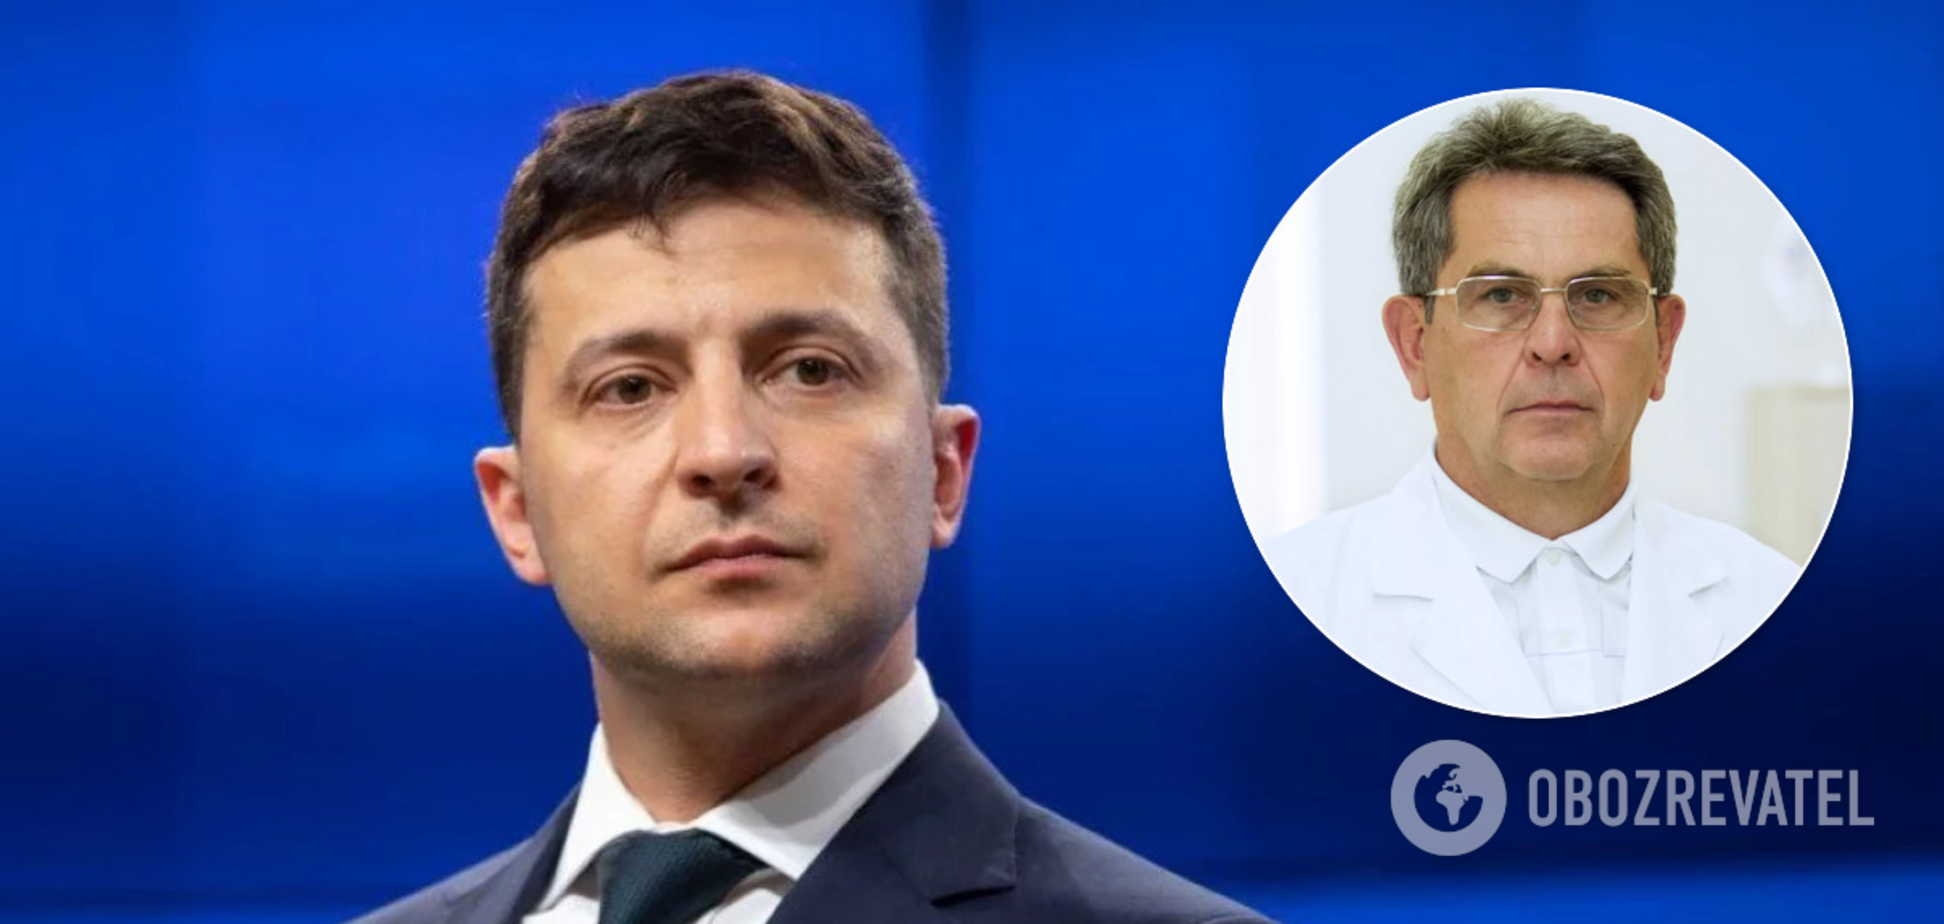 Зеленський підтвердив можливу відставку глави МОЗ Ємця